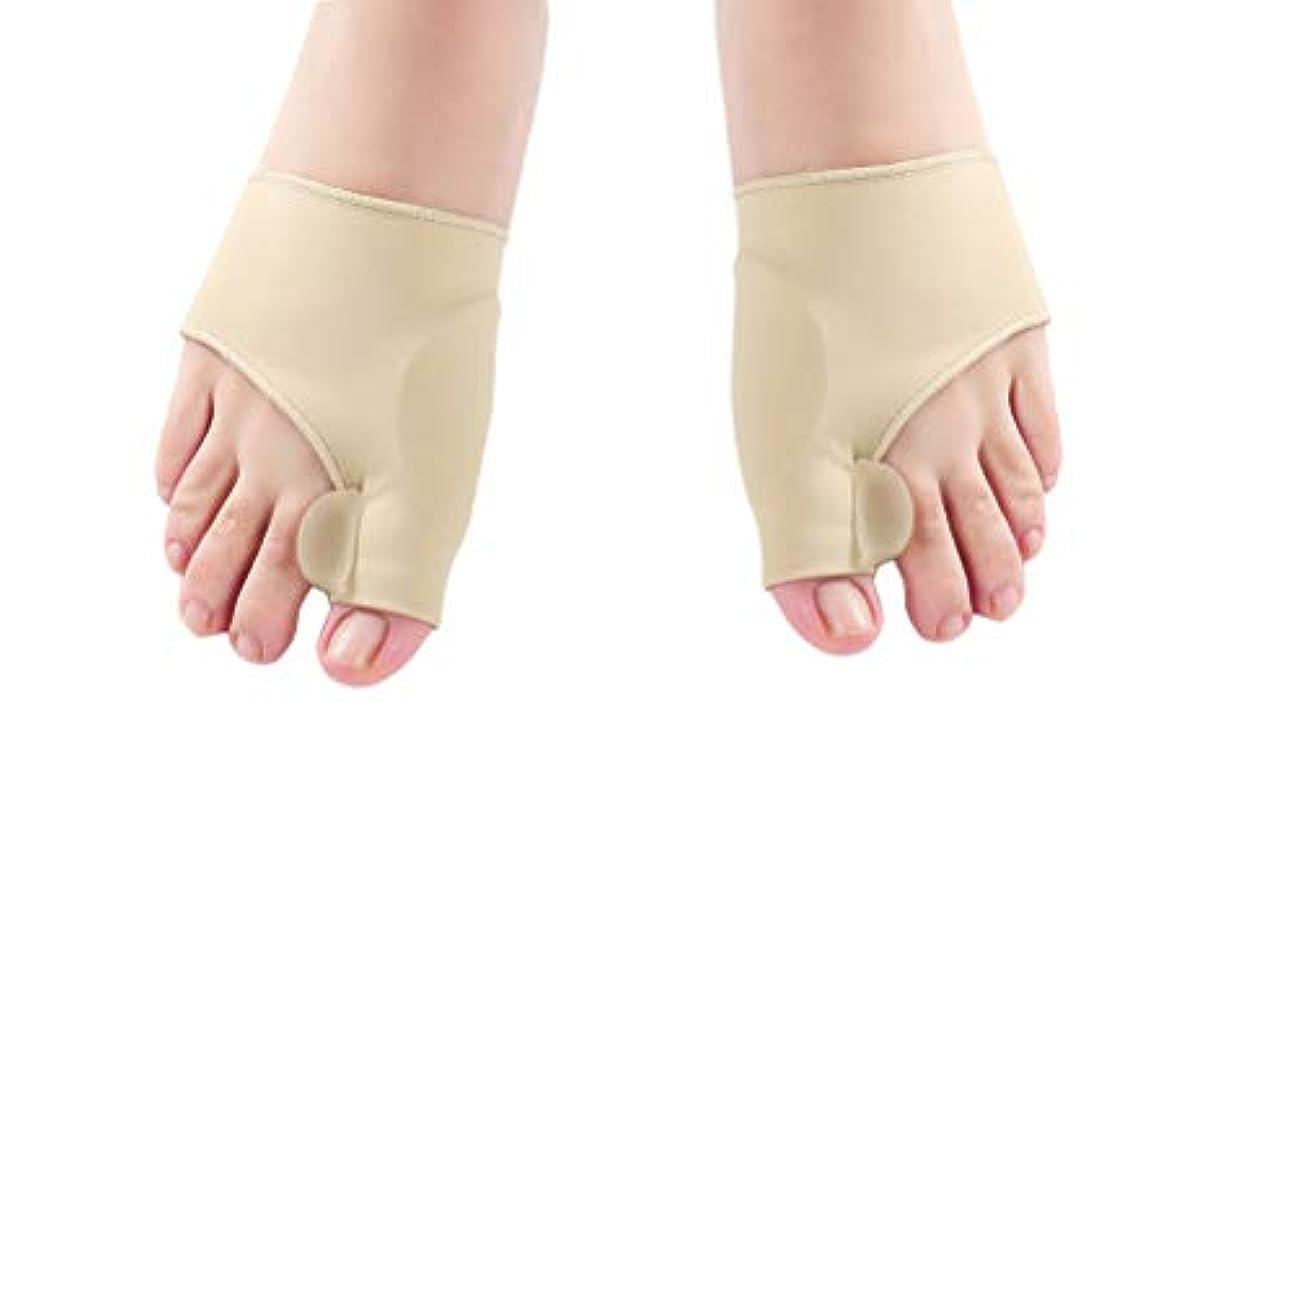 発掘規範子Healifty un補正器のつま先の整形外科の外反母趾の補正子のつま先の整形外科の腱の副木の親指の区切り記号の昼と夜の使用のための痛みの軽減 - サイズL(カーキ)